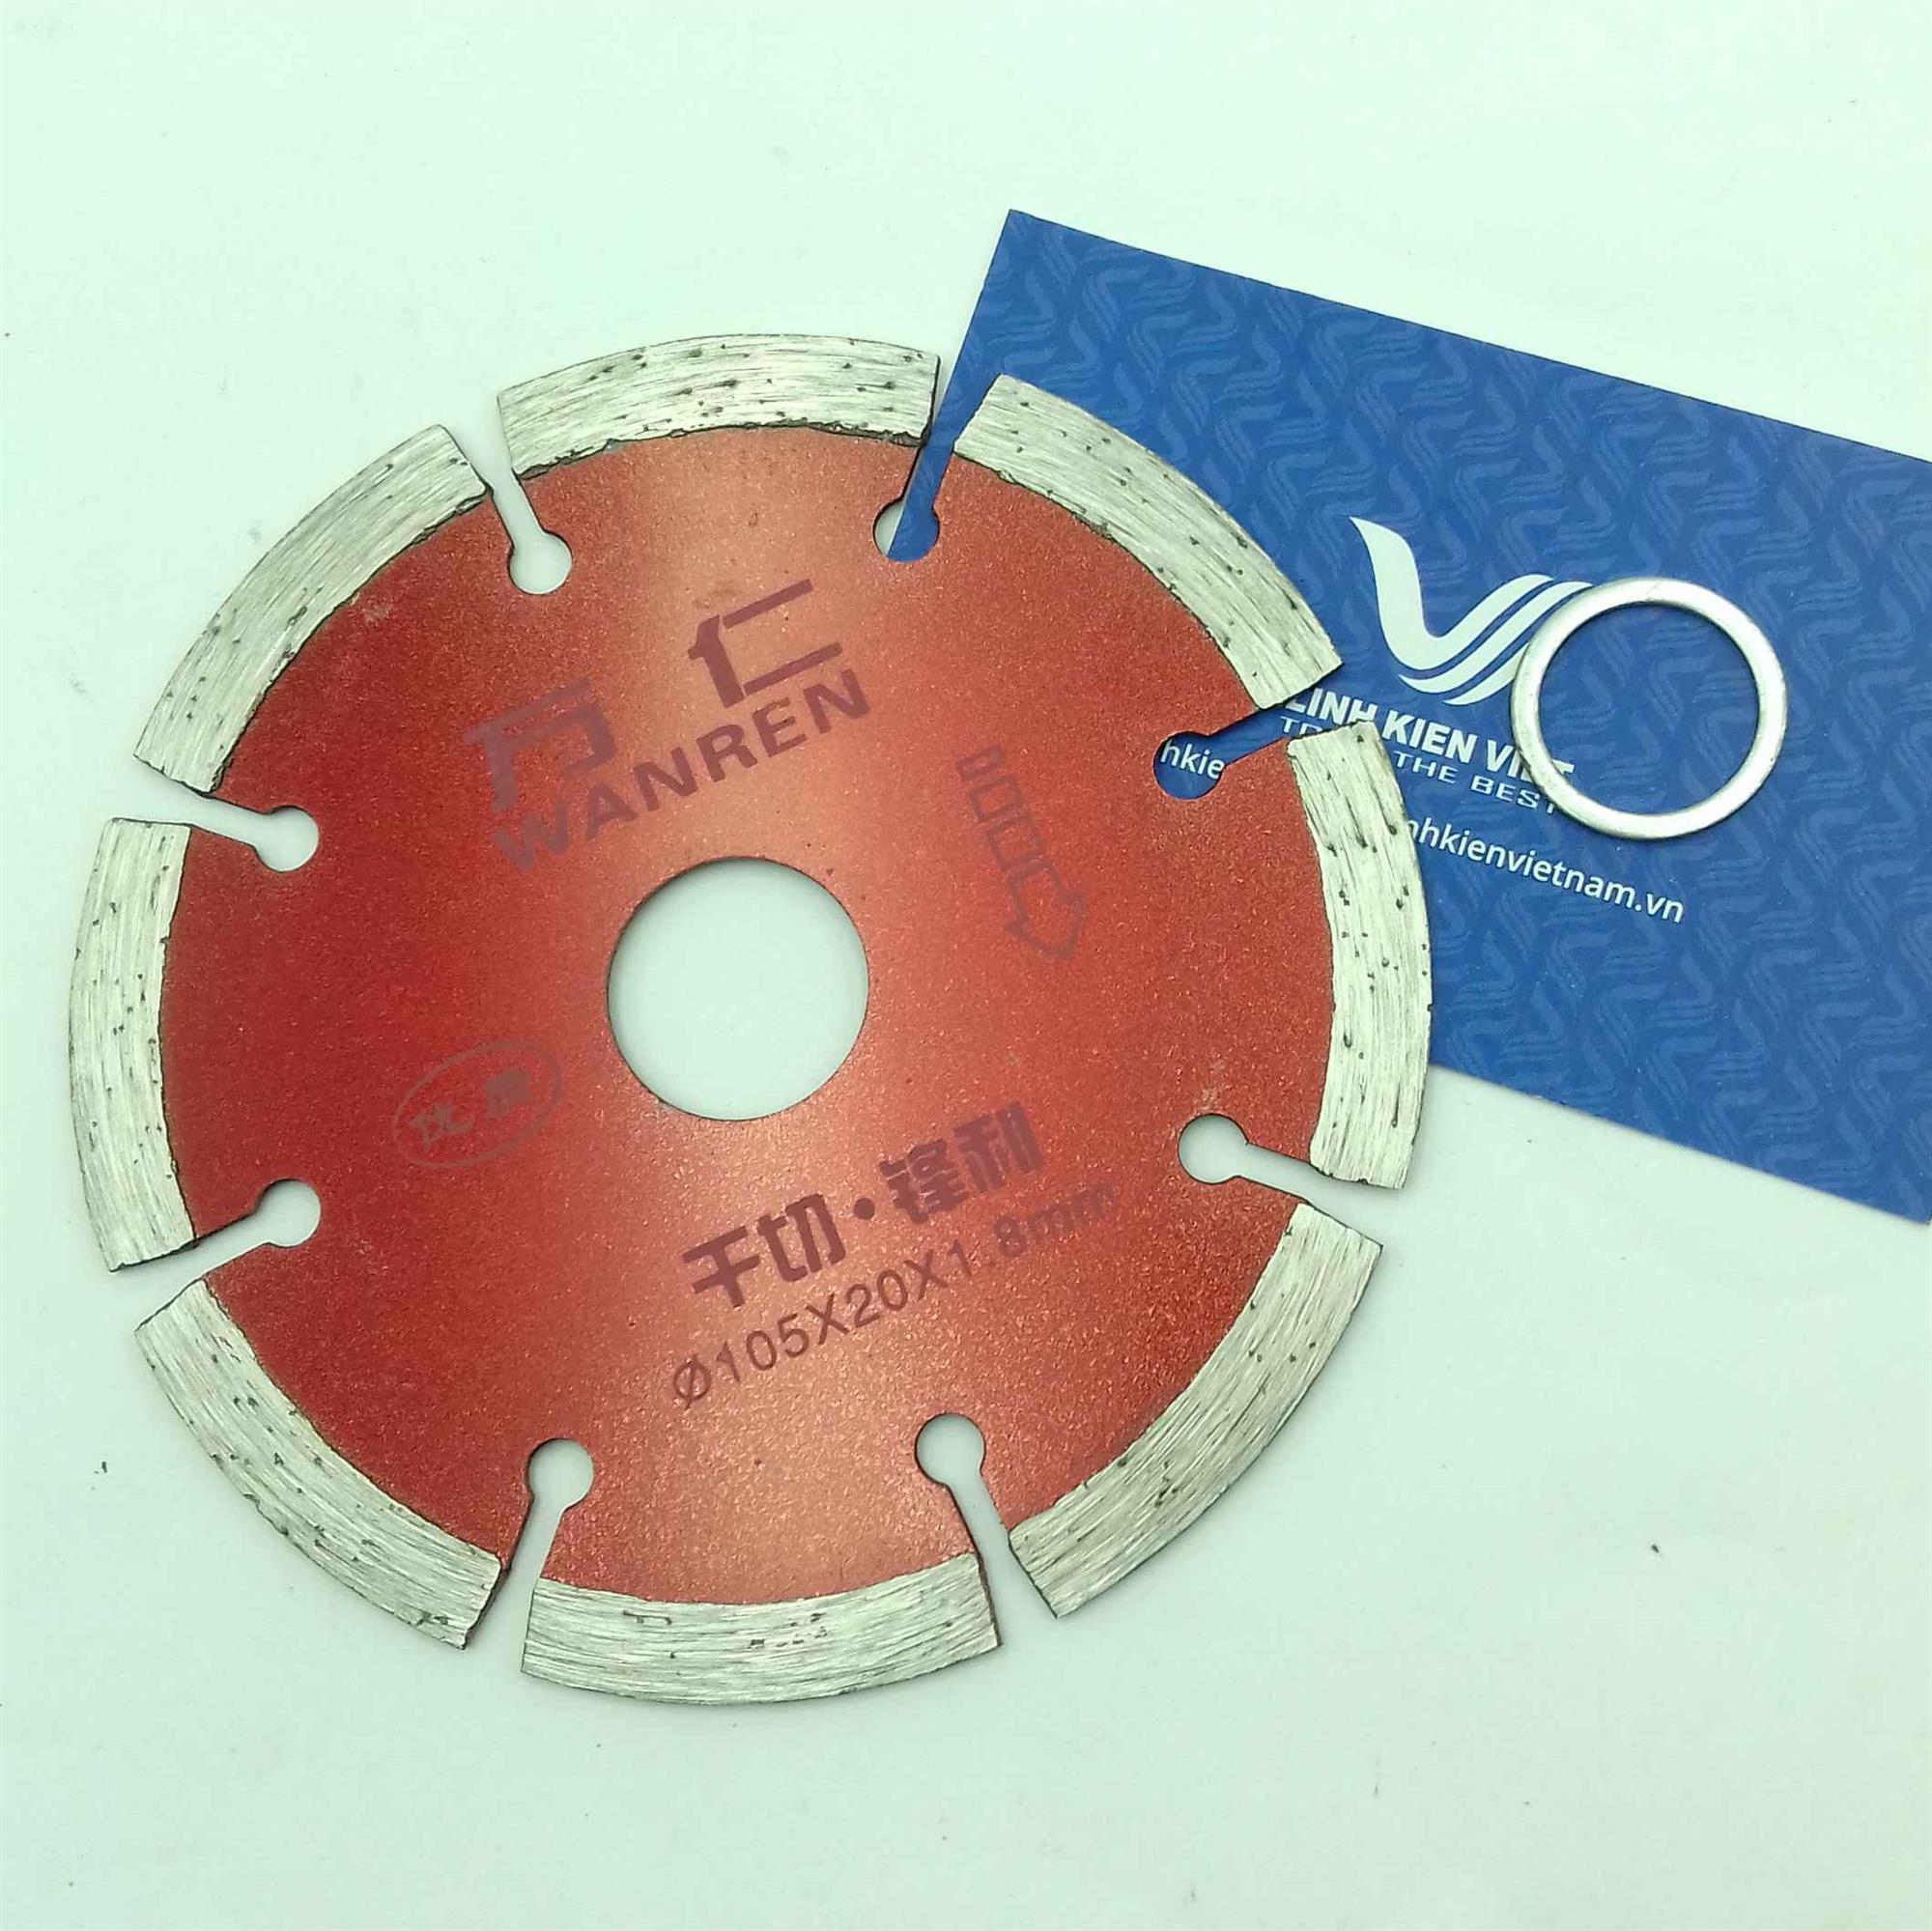 Đĩa cắt đá / Lưỡi cắt đá- I6H18